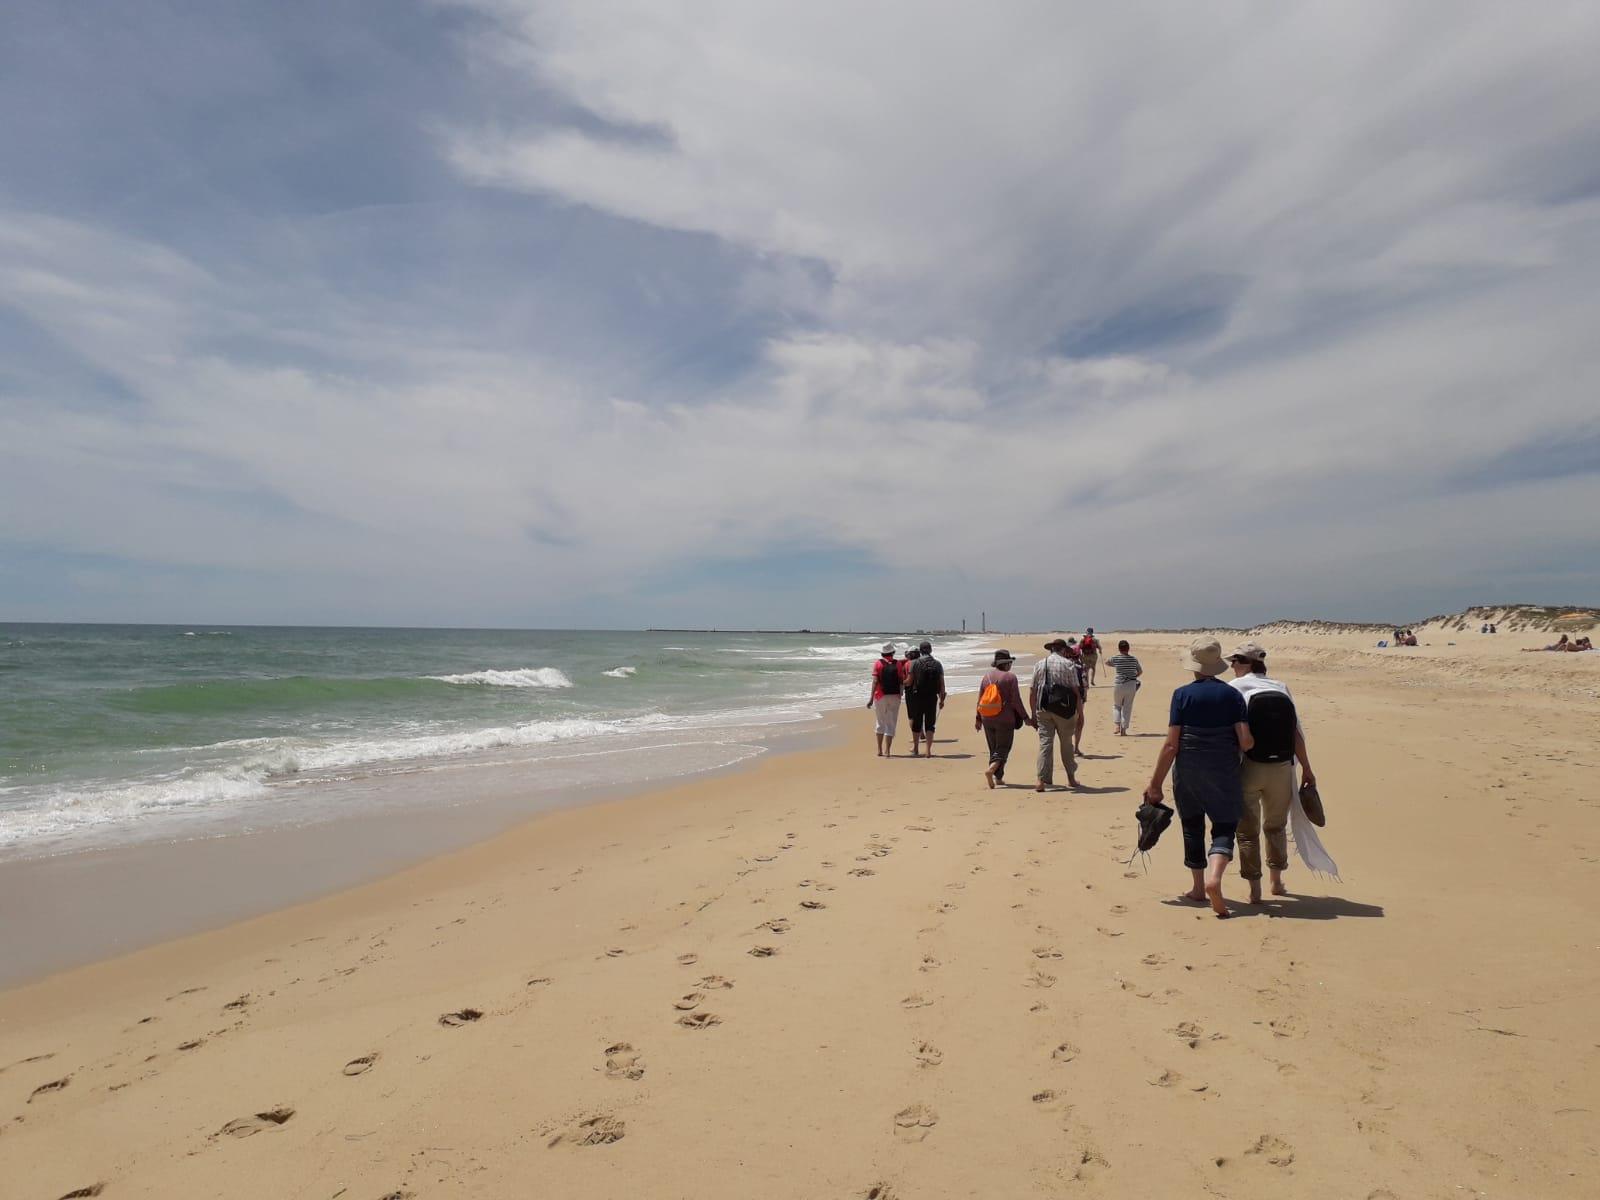 tour de sens auf einer Strandwanderung in der Algarve